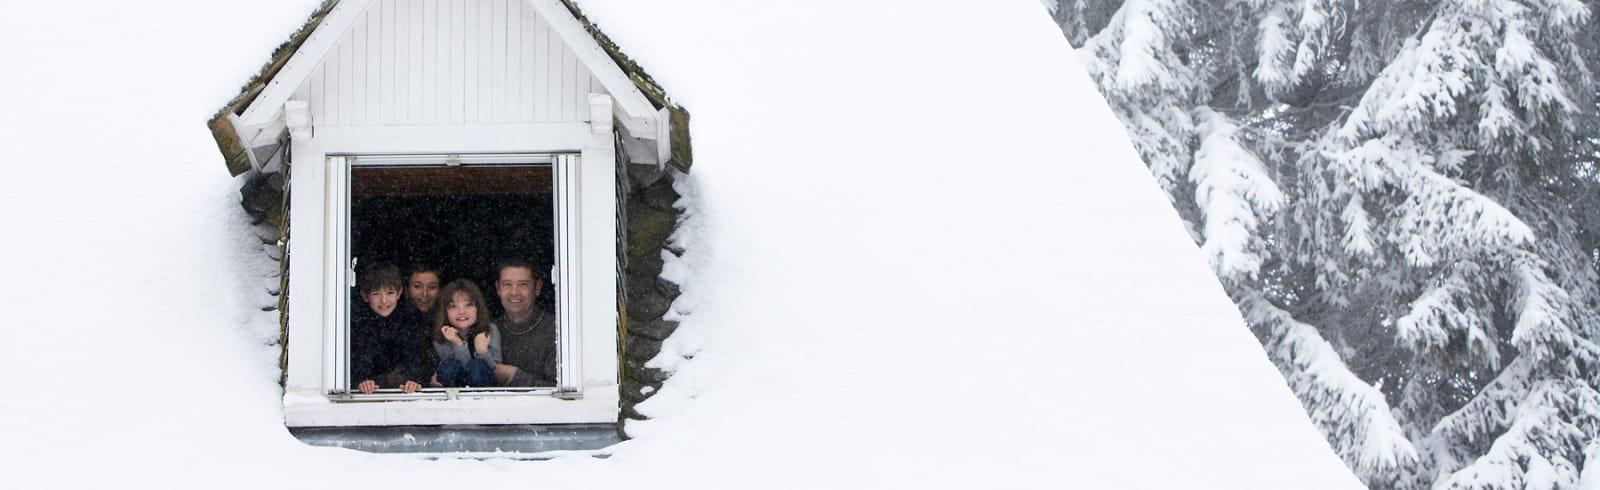 hiver à la fenêtre famille à la fenêtre